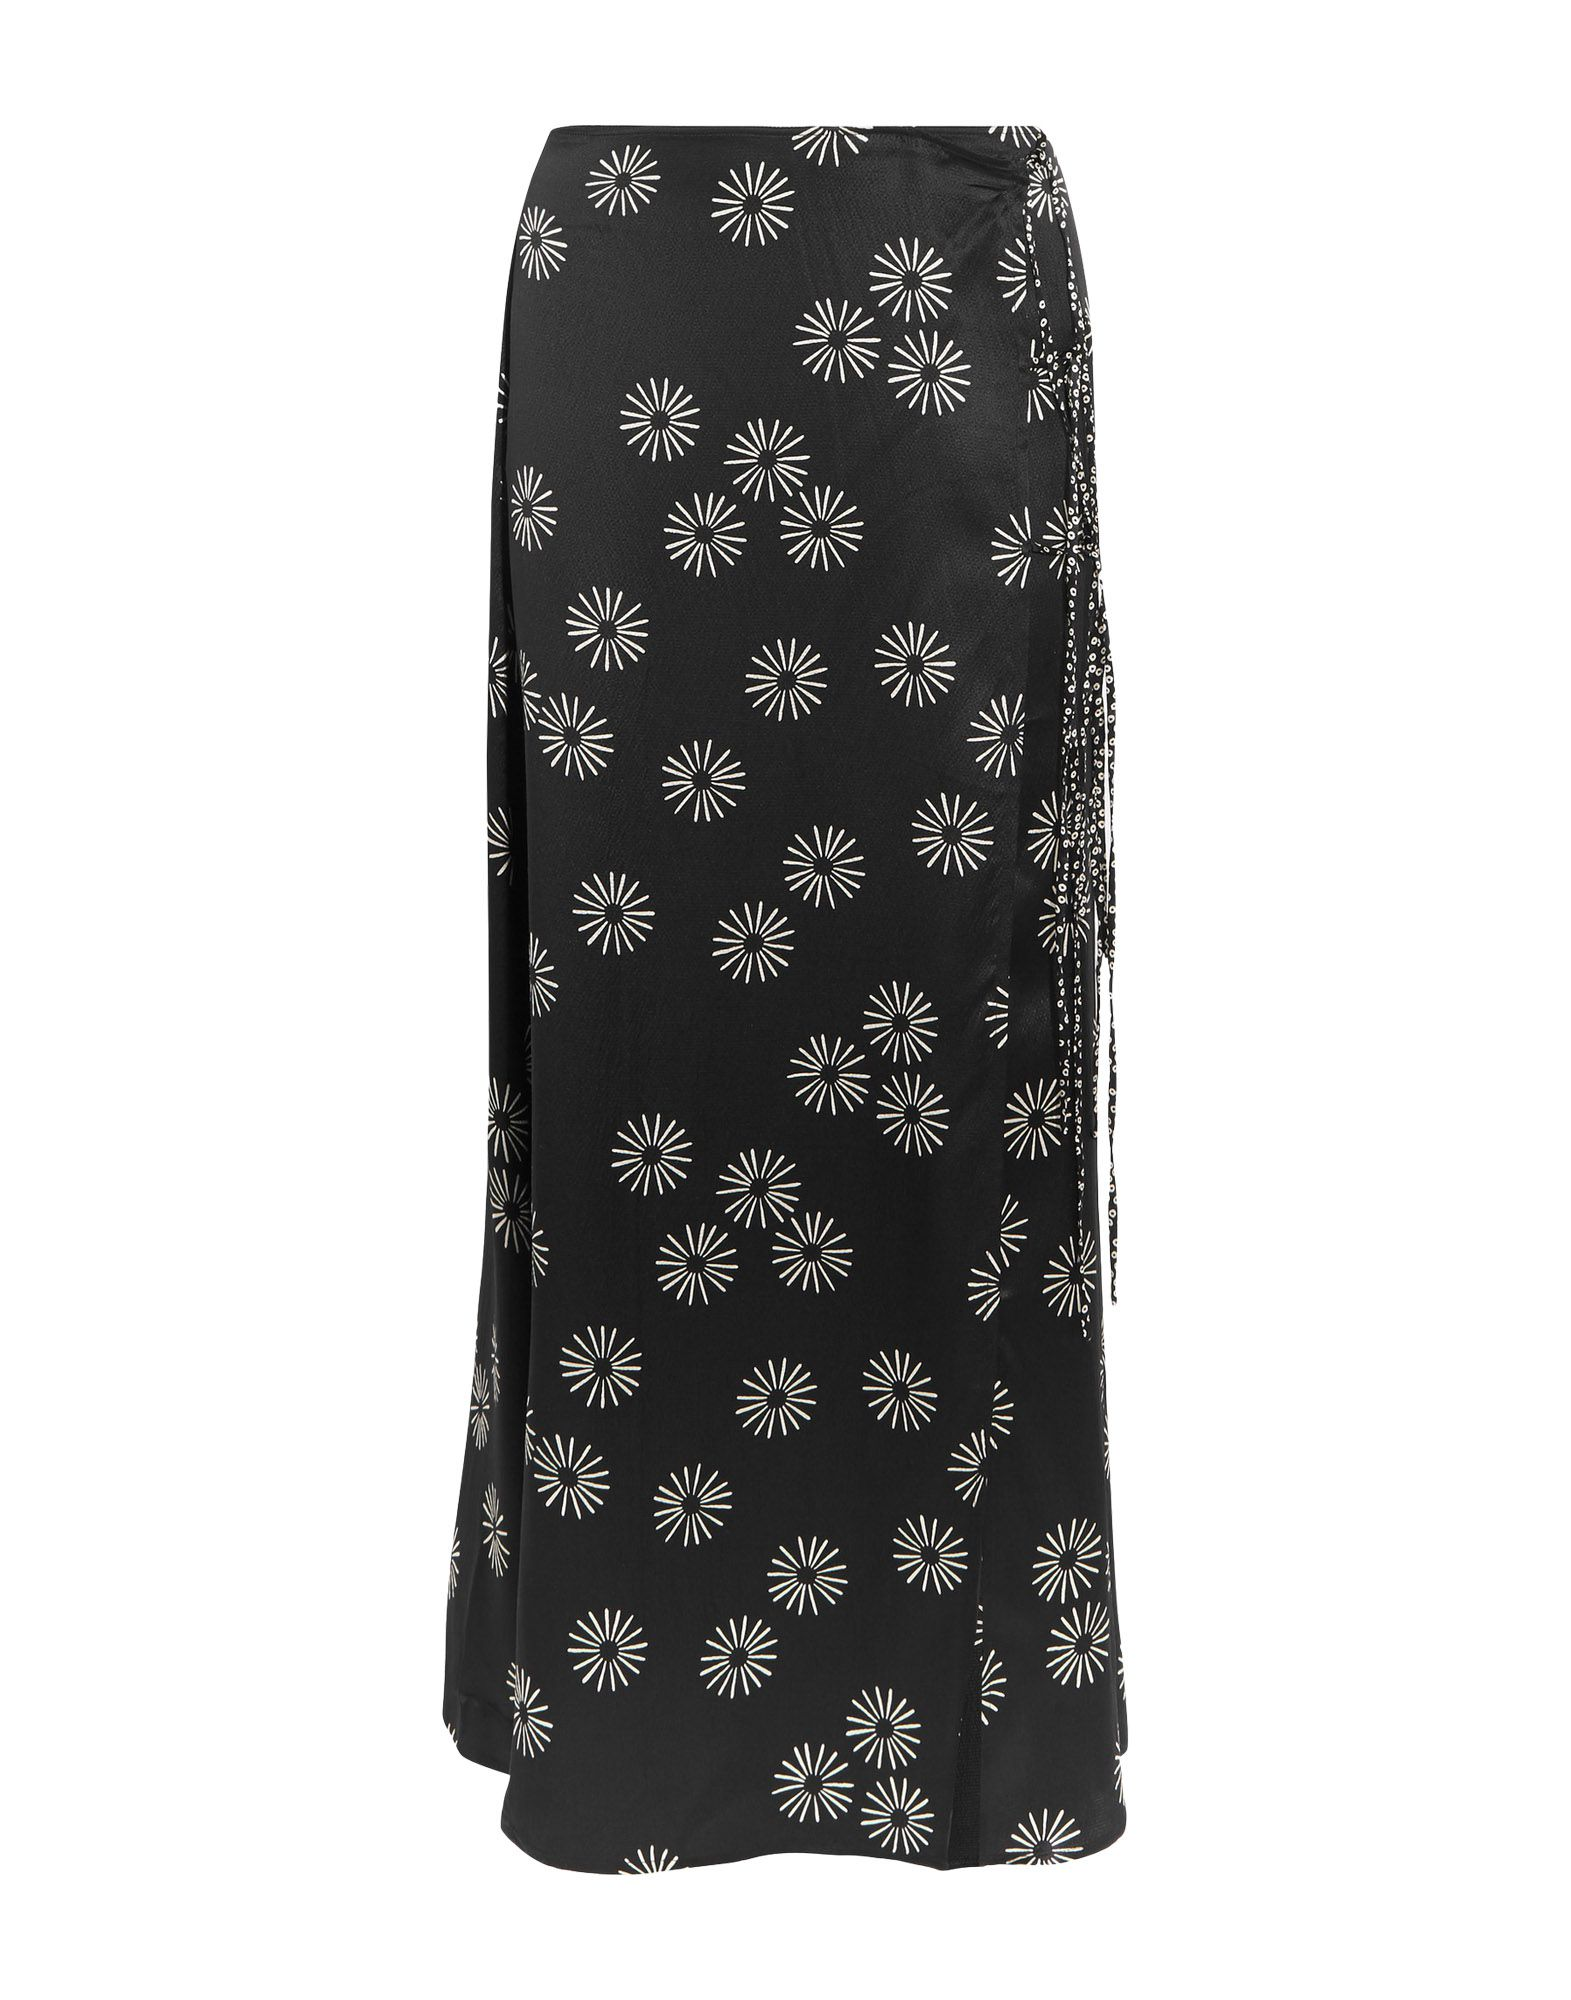 KÉJI Maxi Skirts in Black